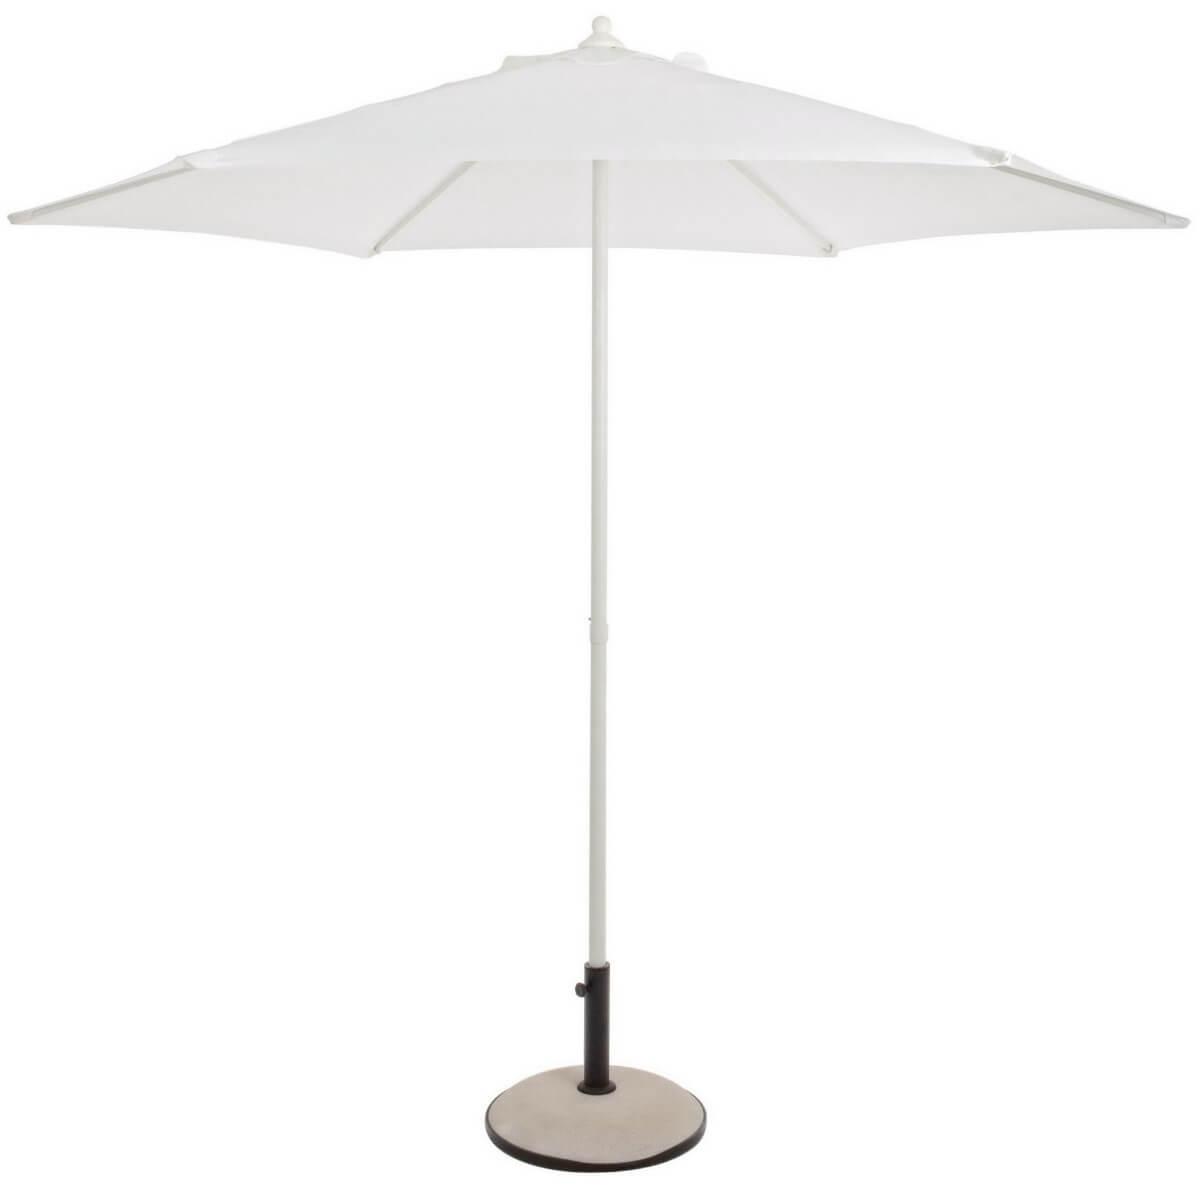 Зонт 4villa Верона 270 см белый